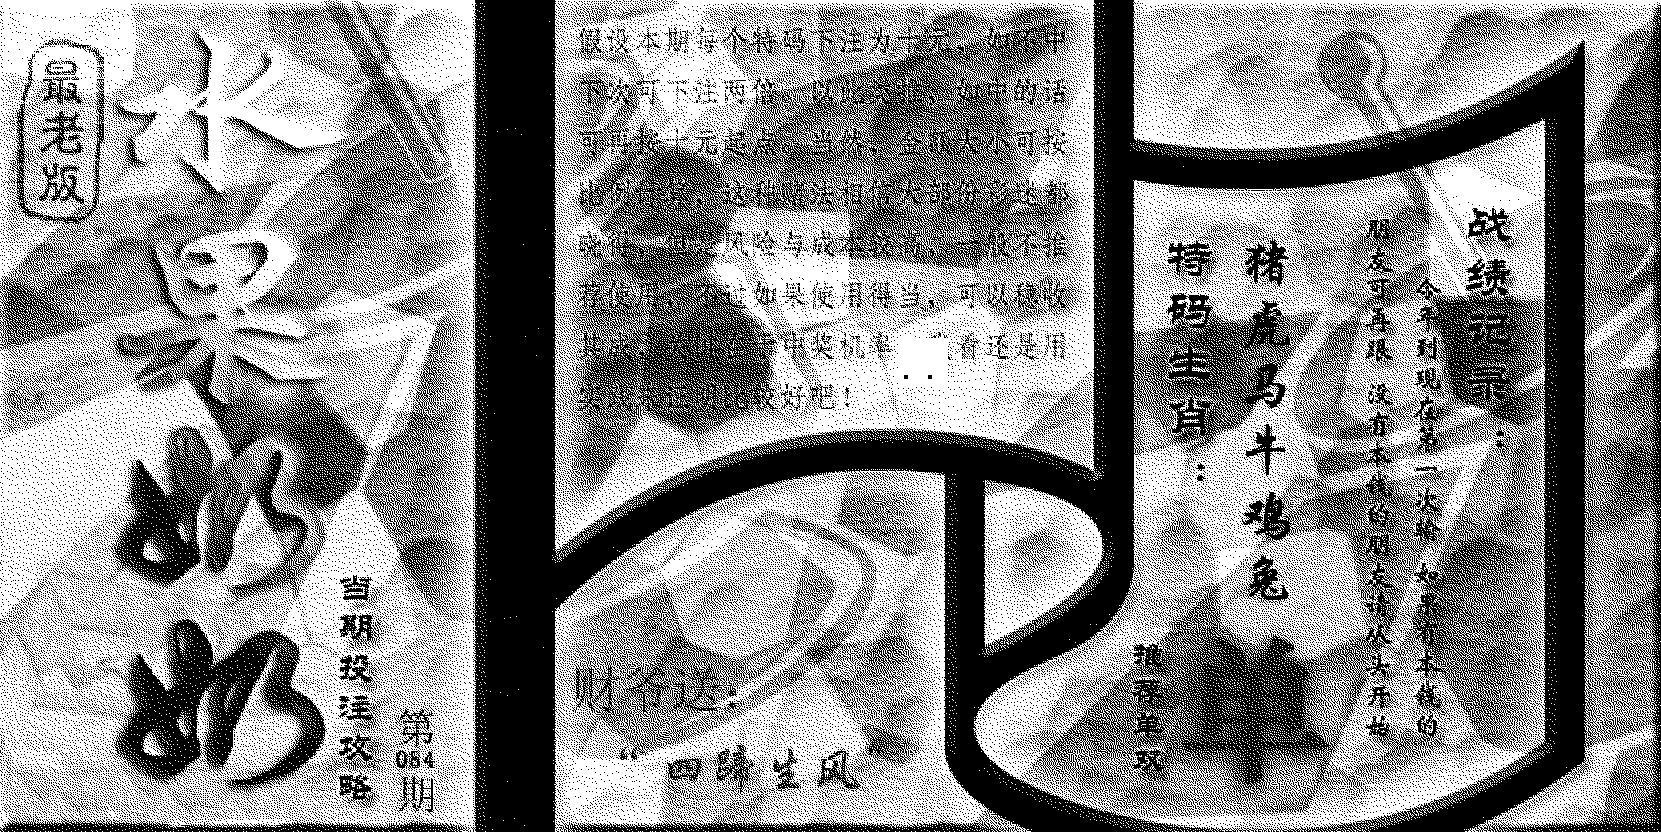 084期(九龙单双攻略)老版(黑白)